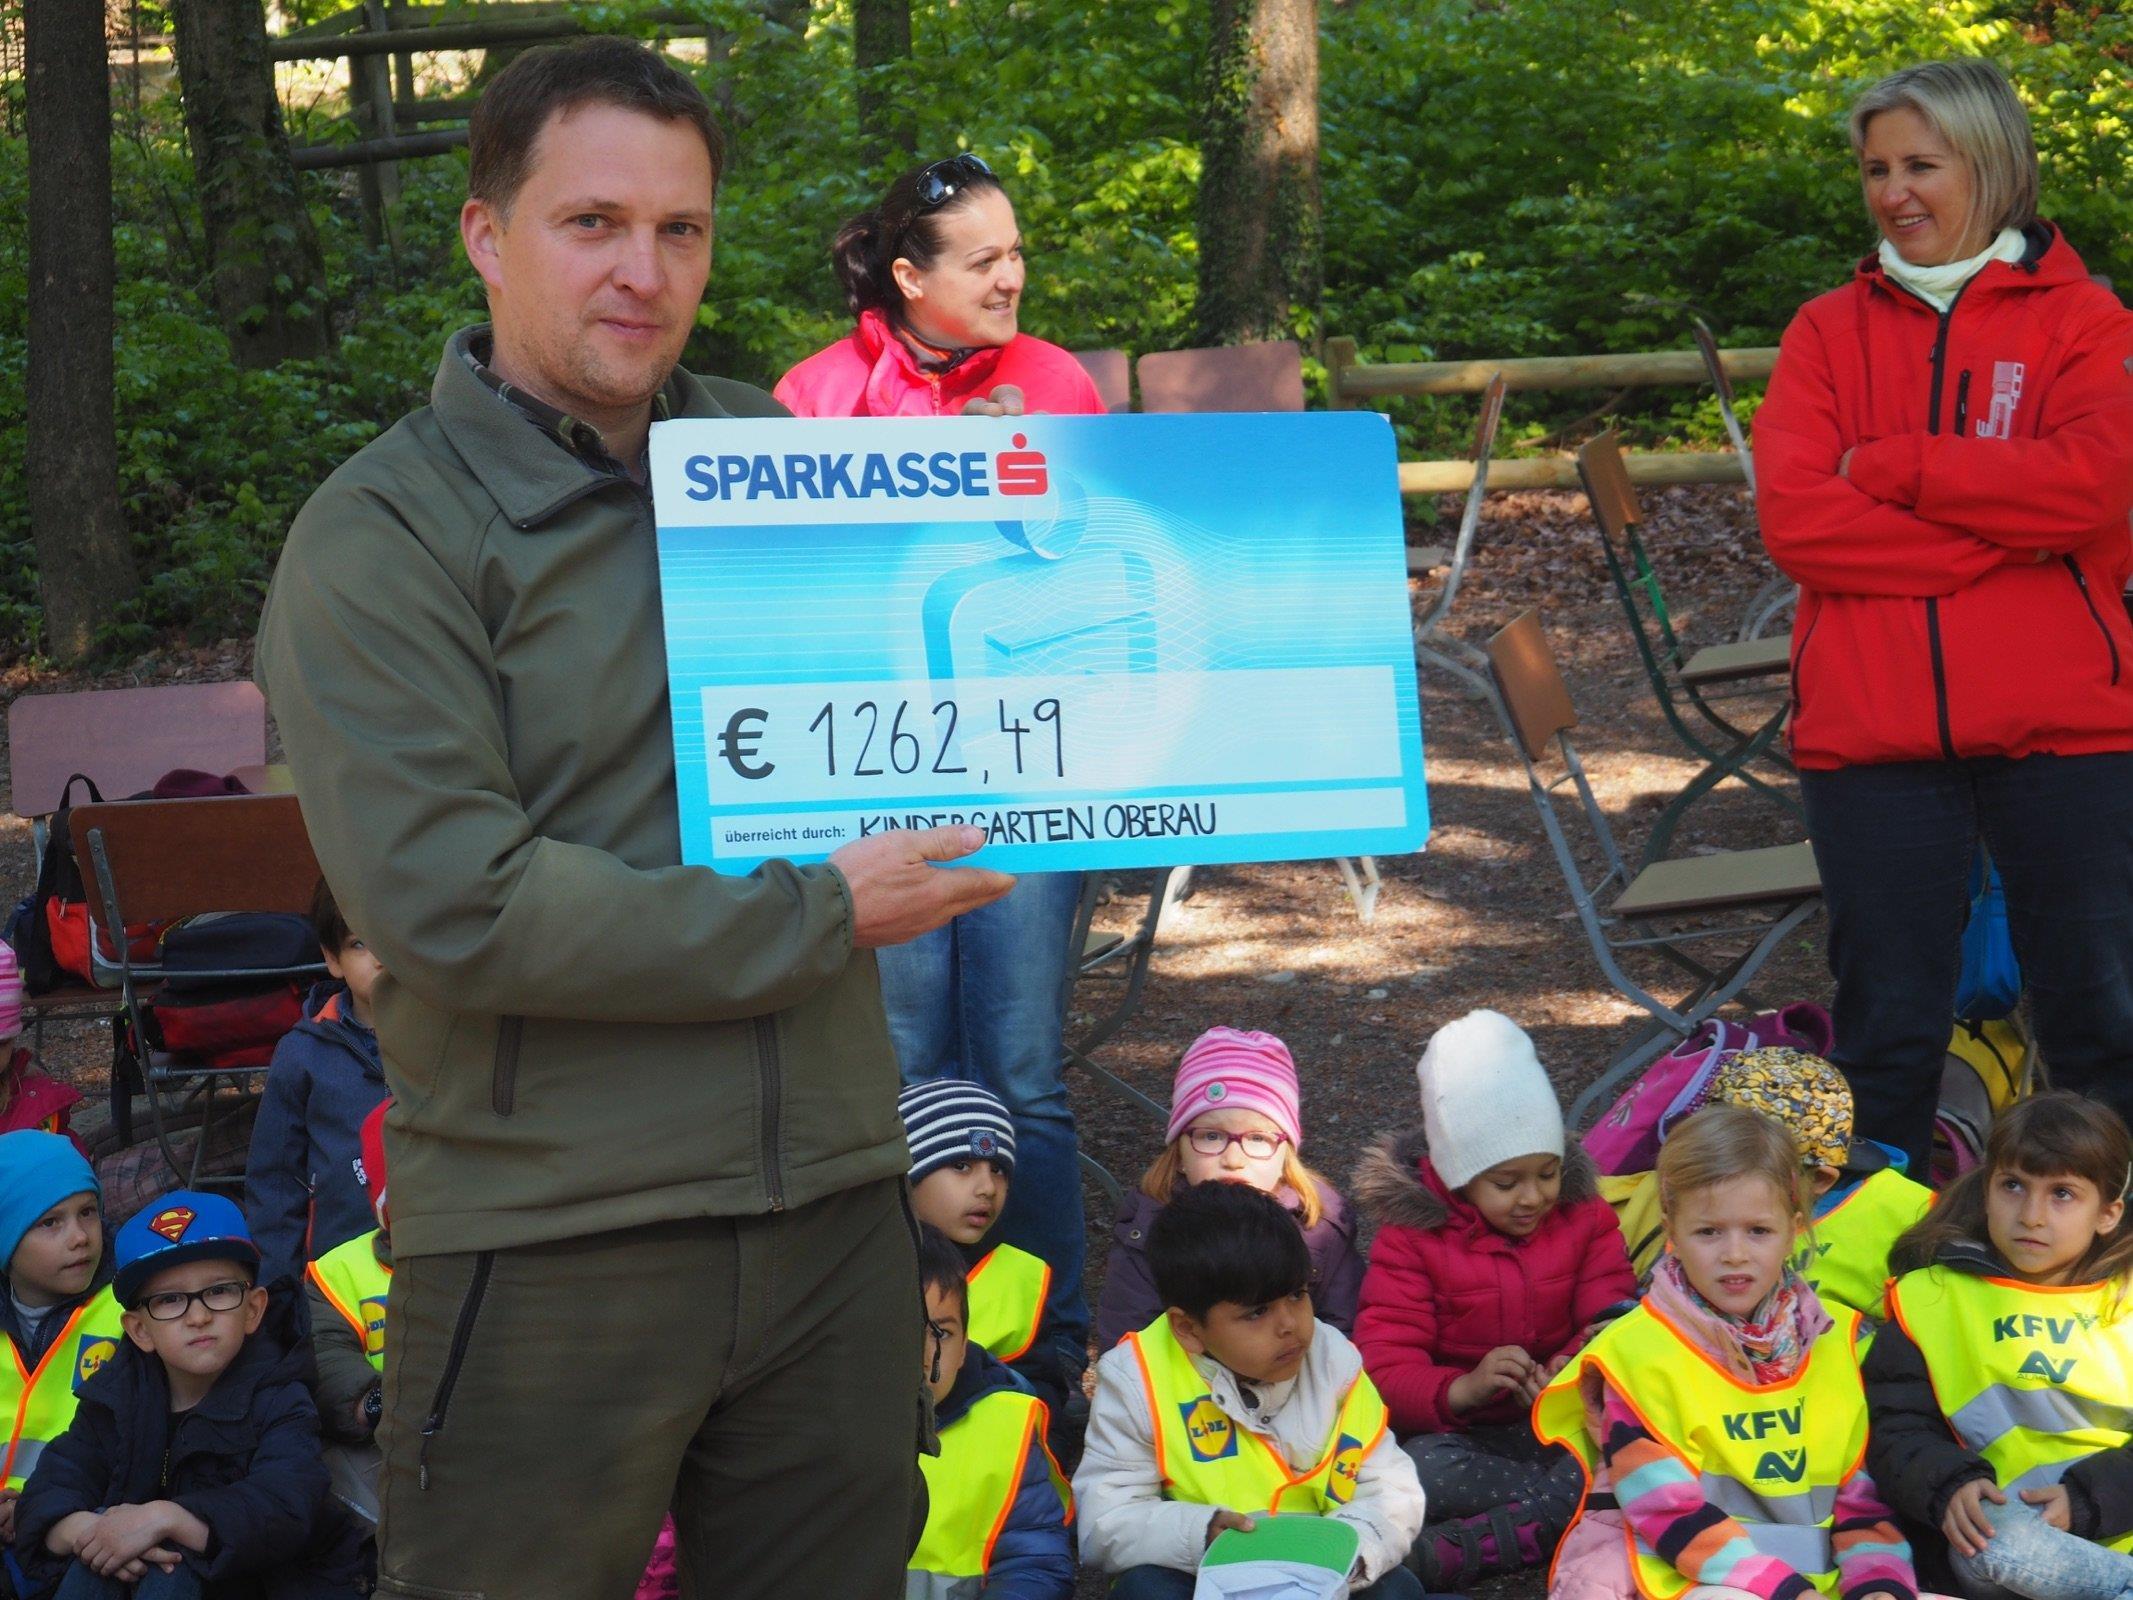 Eine Spende mit € 1,262,49 durfte kürzlich Wildpark Betriebsleiter Christian Ammann von der Kindergartengruppe Oberau für das neue Waschbärengehege in Empfang nehmen.